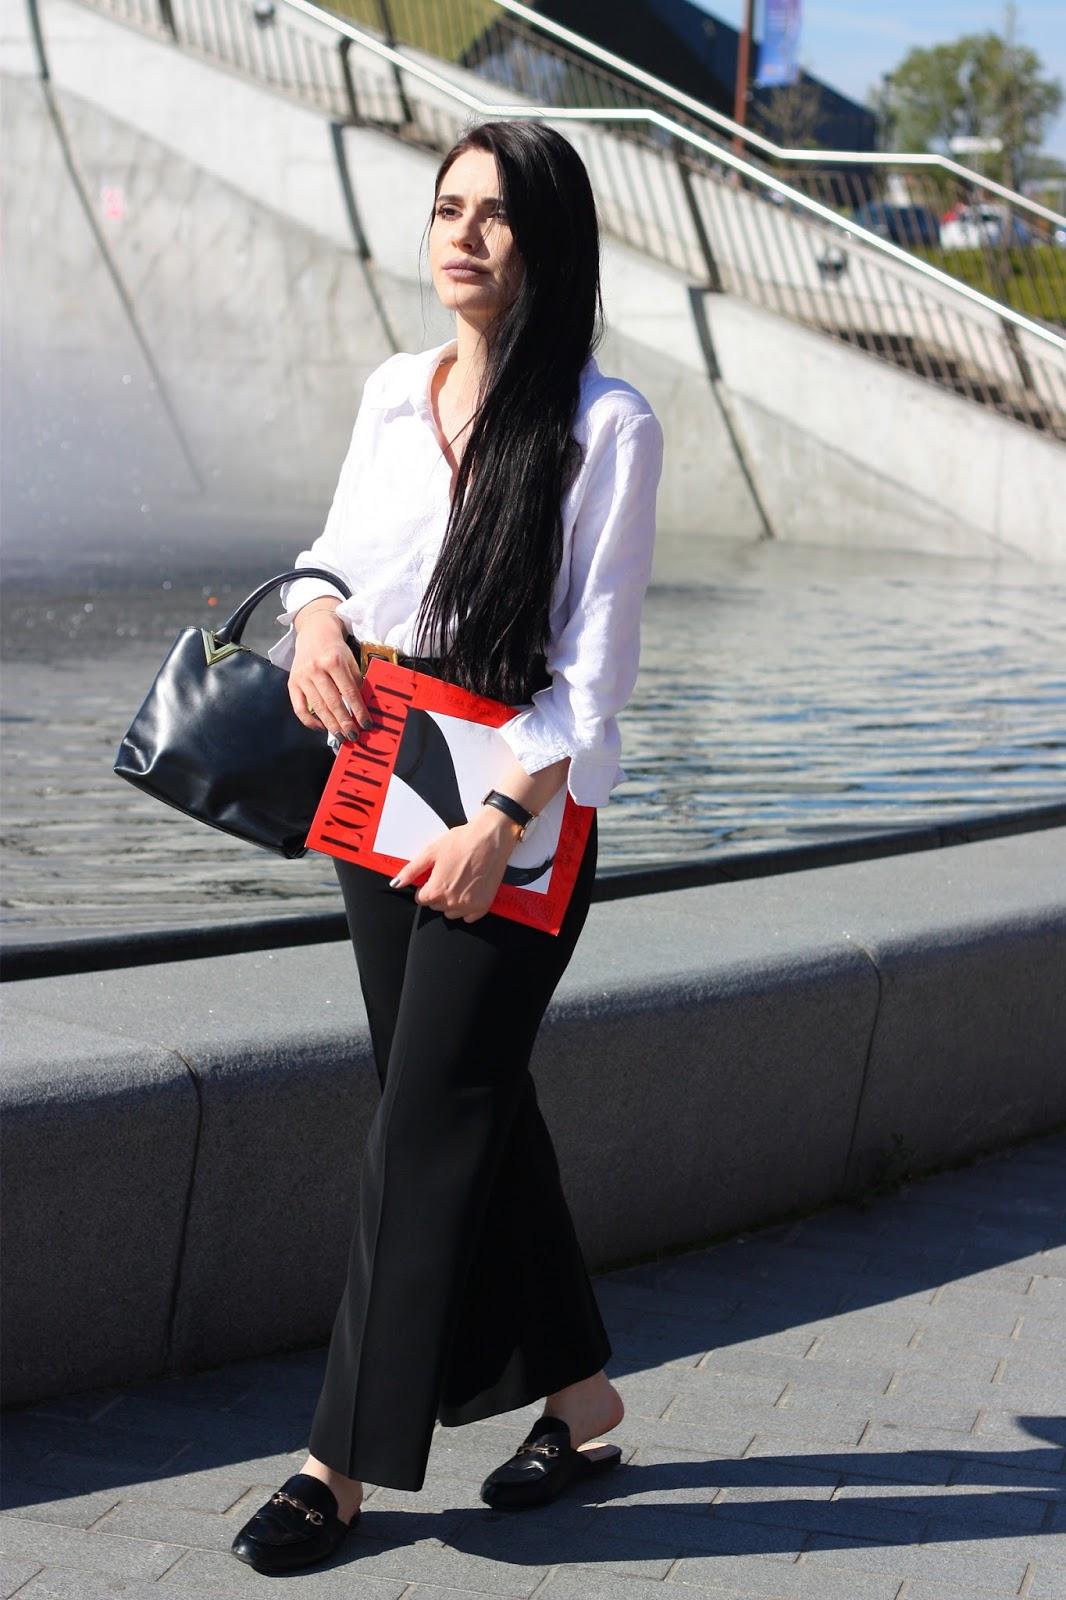 inspiracje modowe, modne stylizacje, stylizacje blog